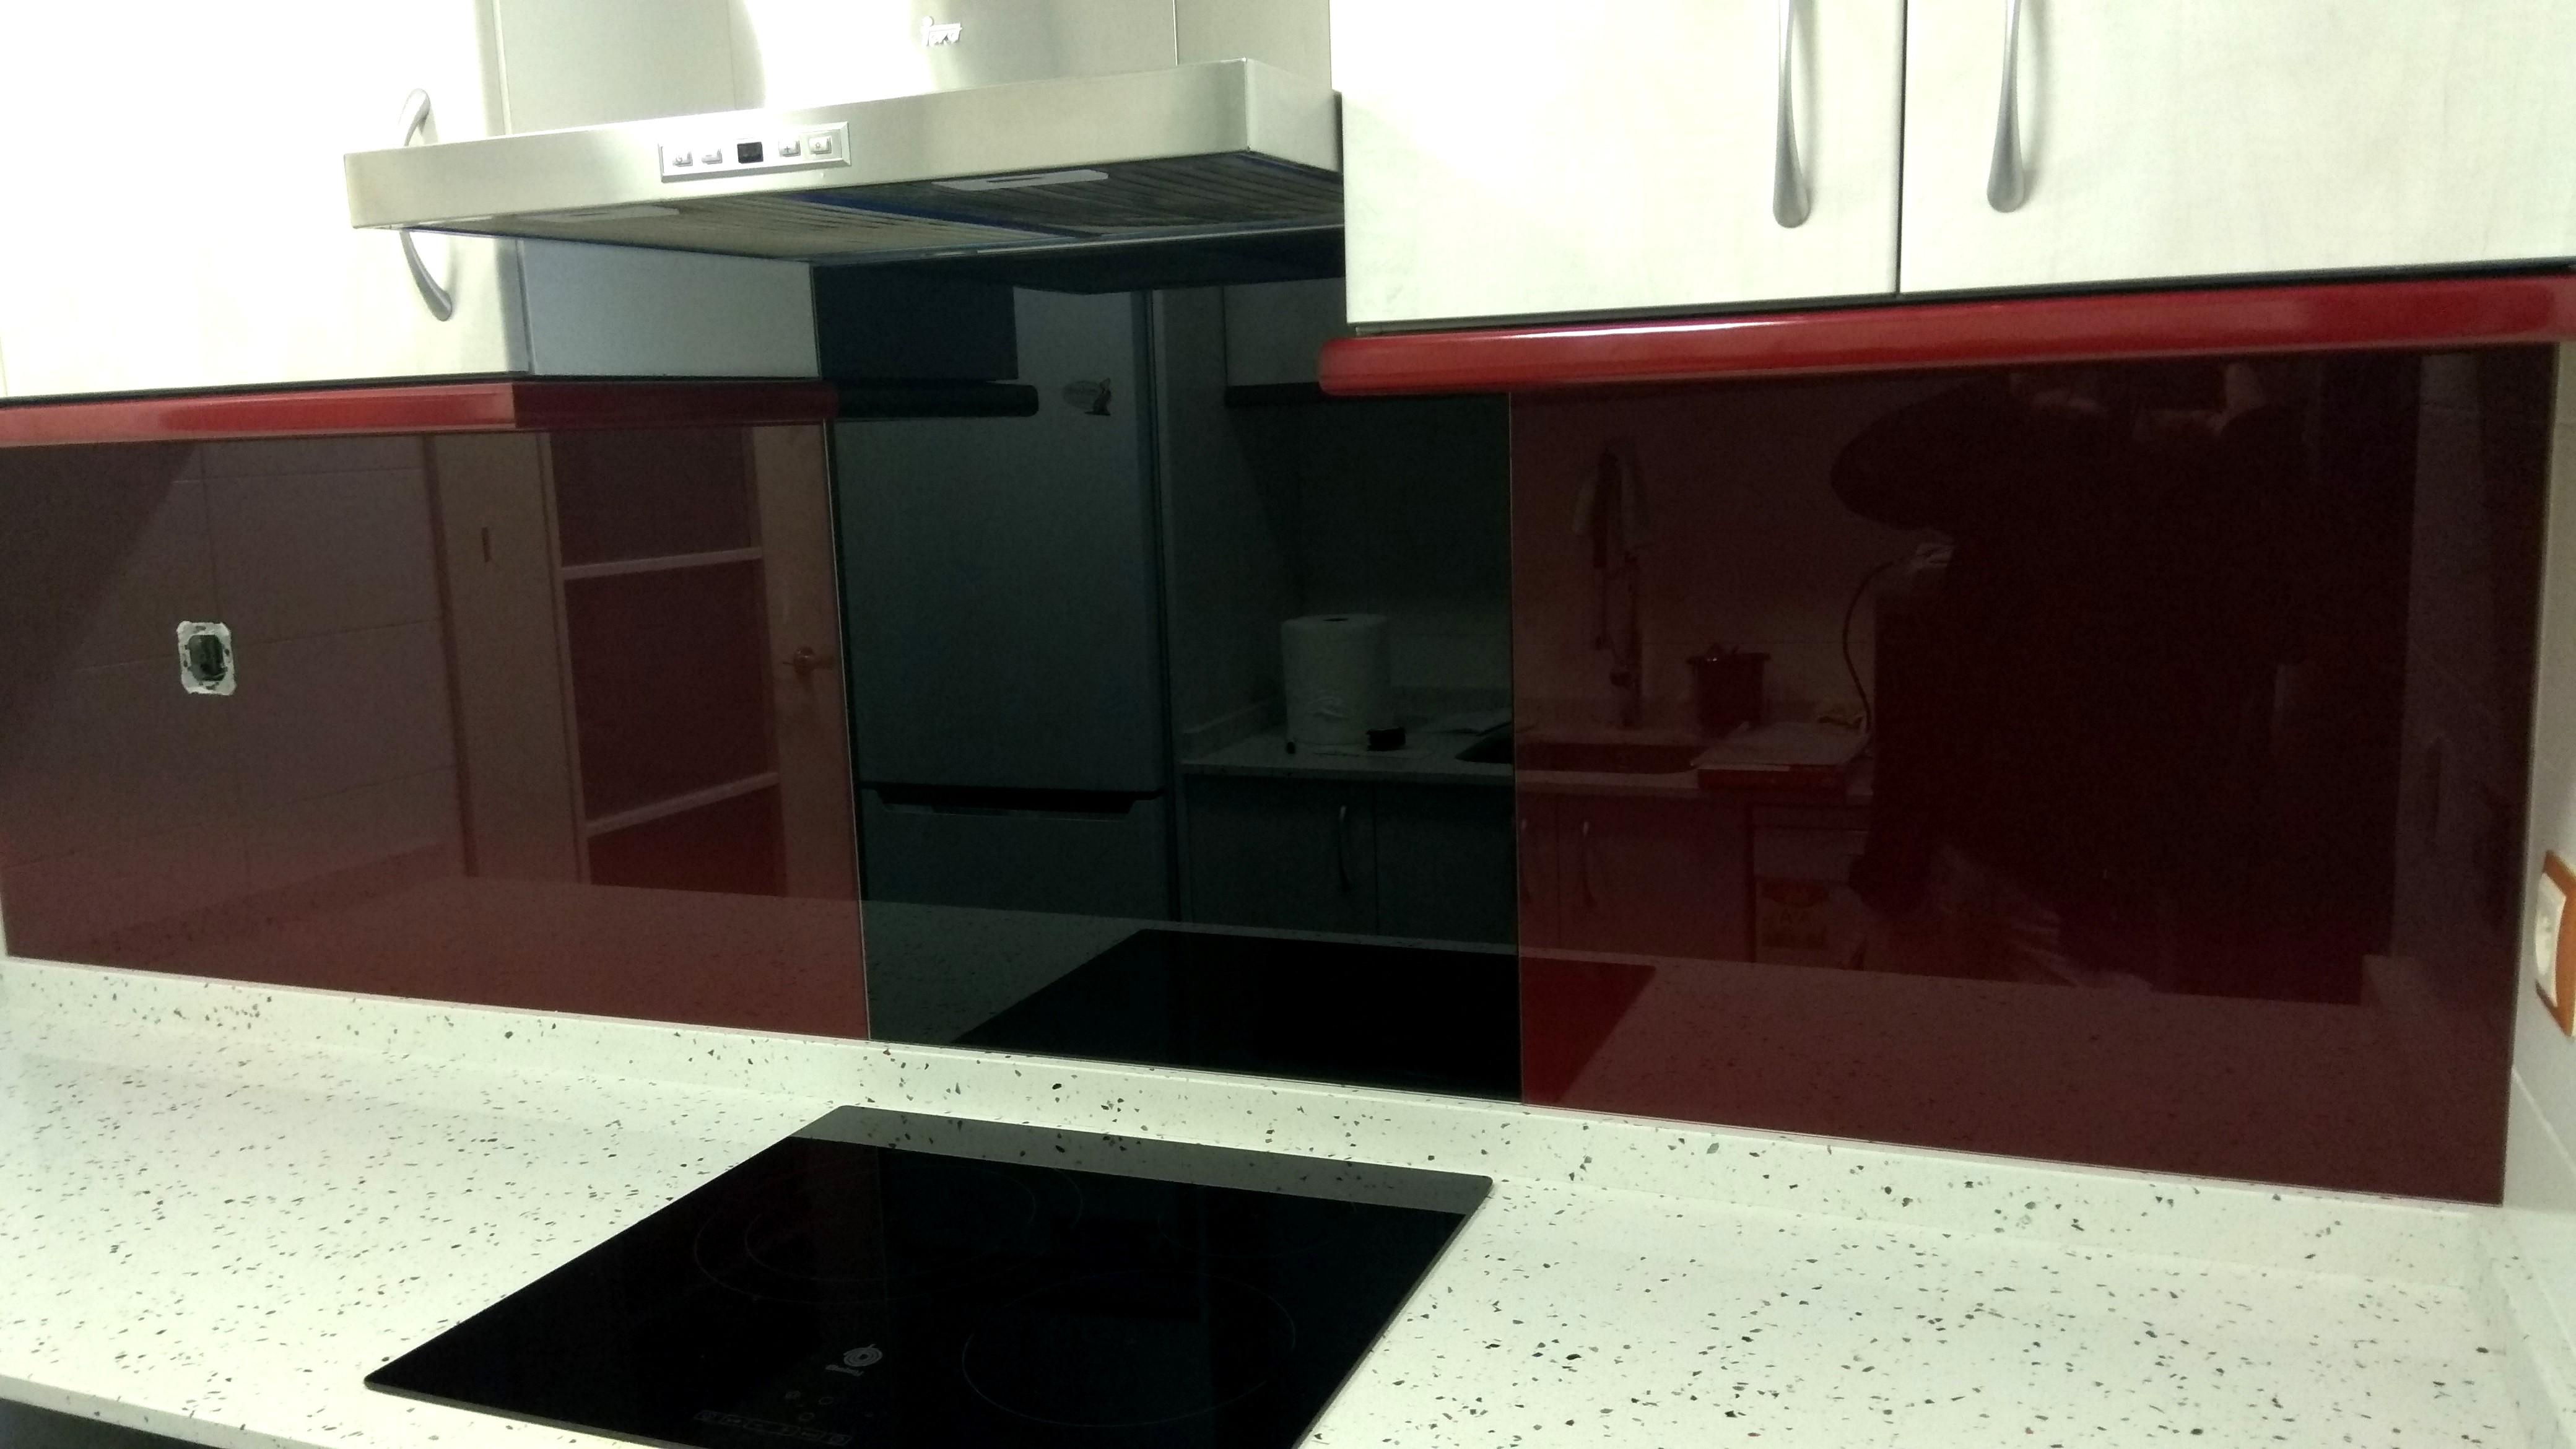 Cristales lacados para cocinas. Cambia el aspecto sin obras.